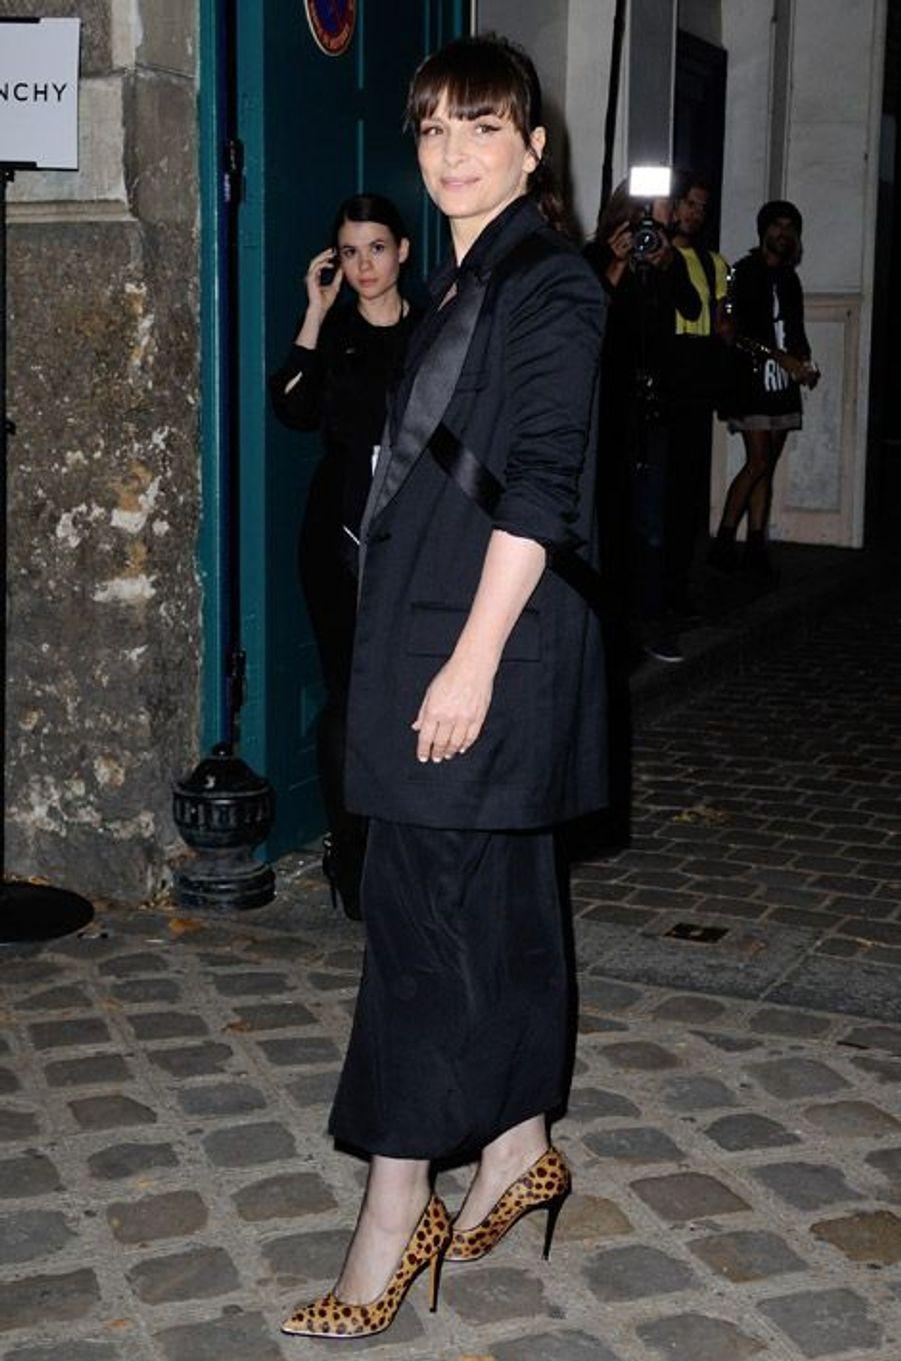 L'actrice Juliette Binoche au défilé Givenchy à Paris, le 28 septembre 2014